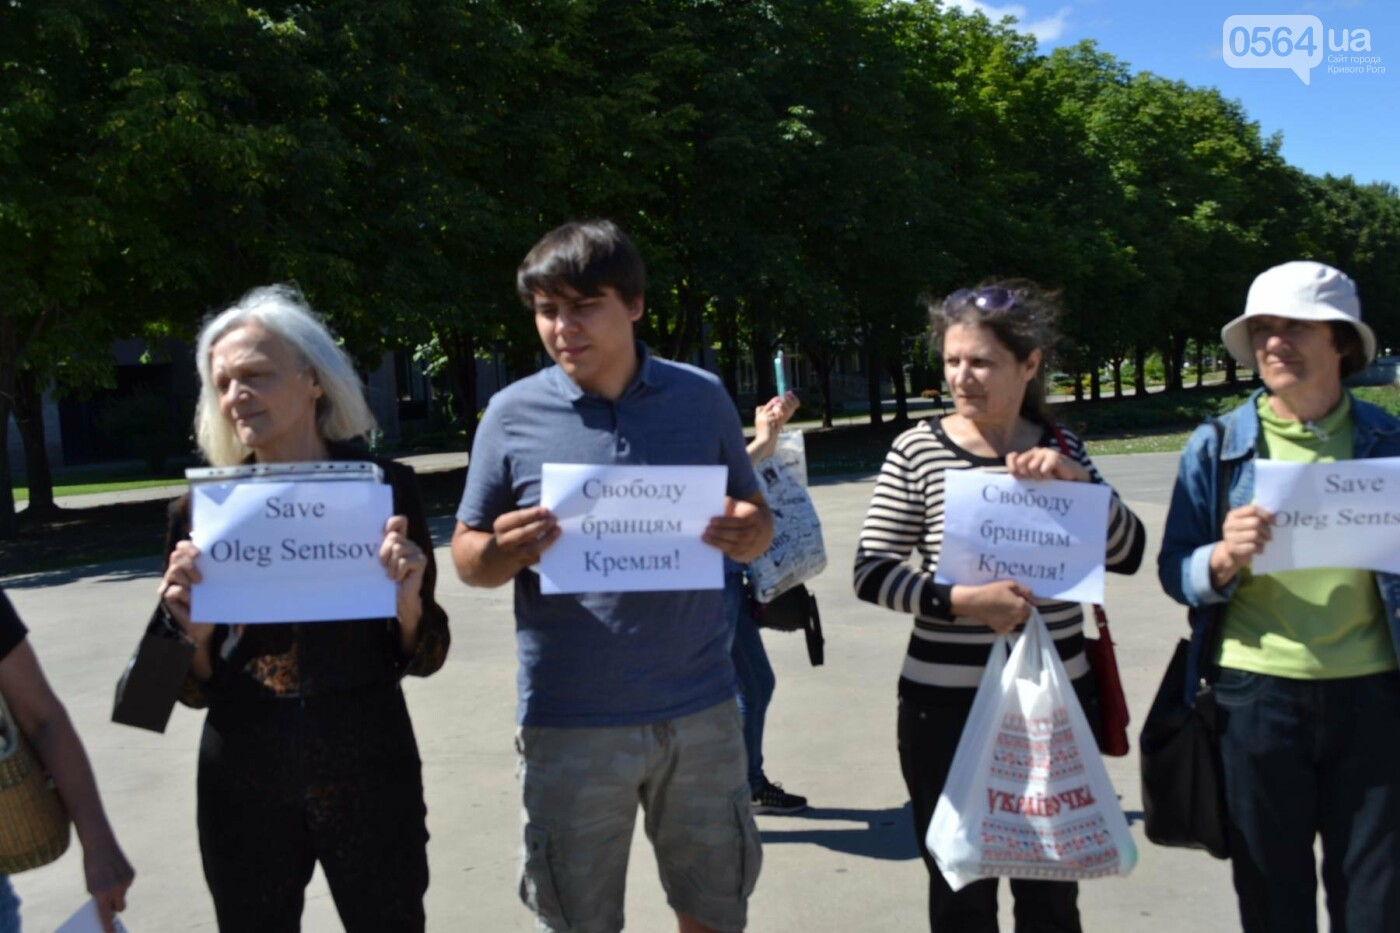 Криворожане вышли на всемирную акцию FreeSentsov, - ФОТО, ВИДЕО, фото-8